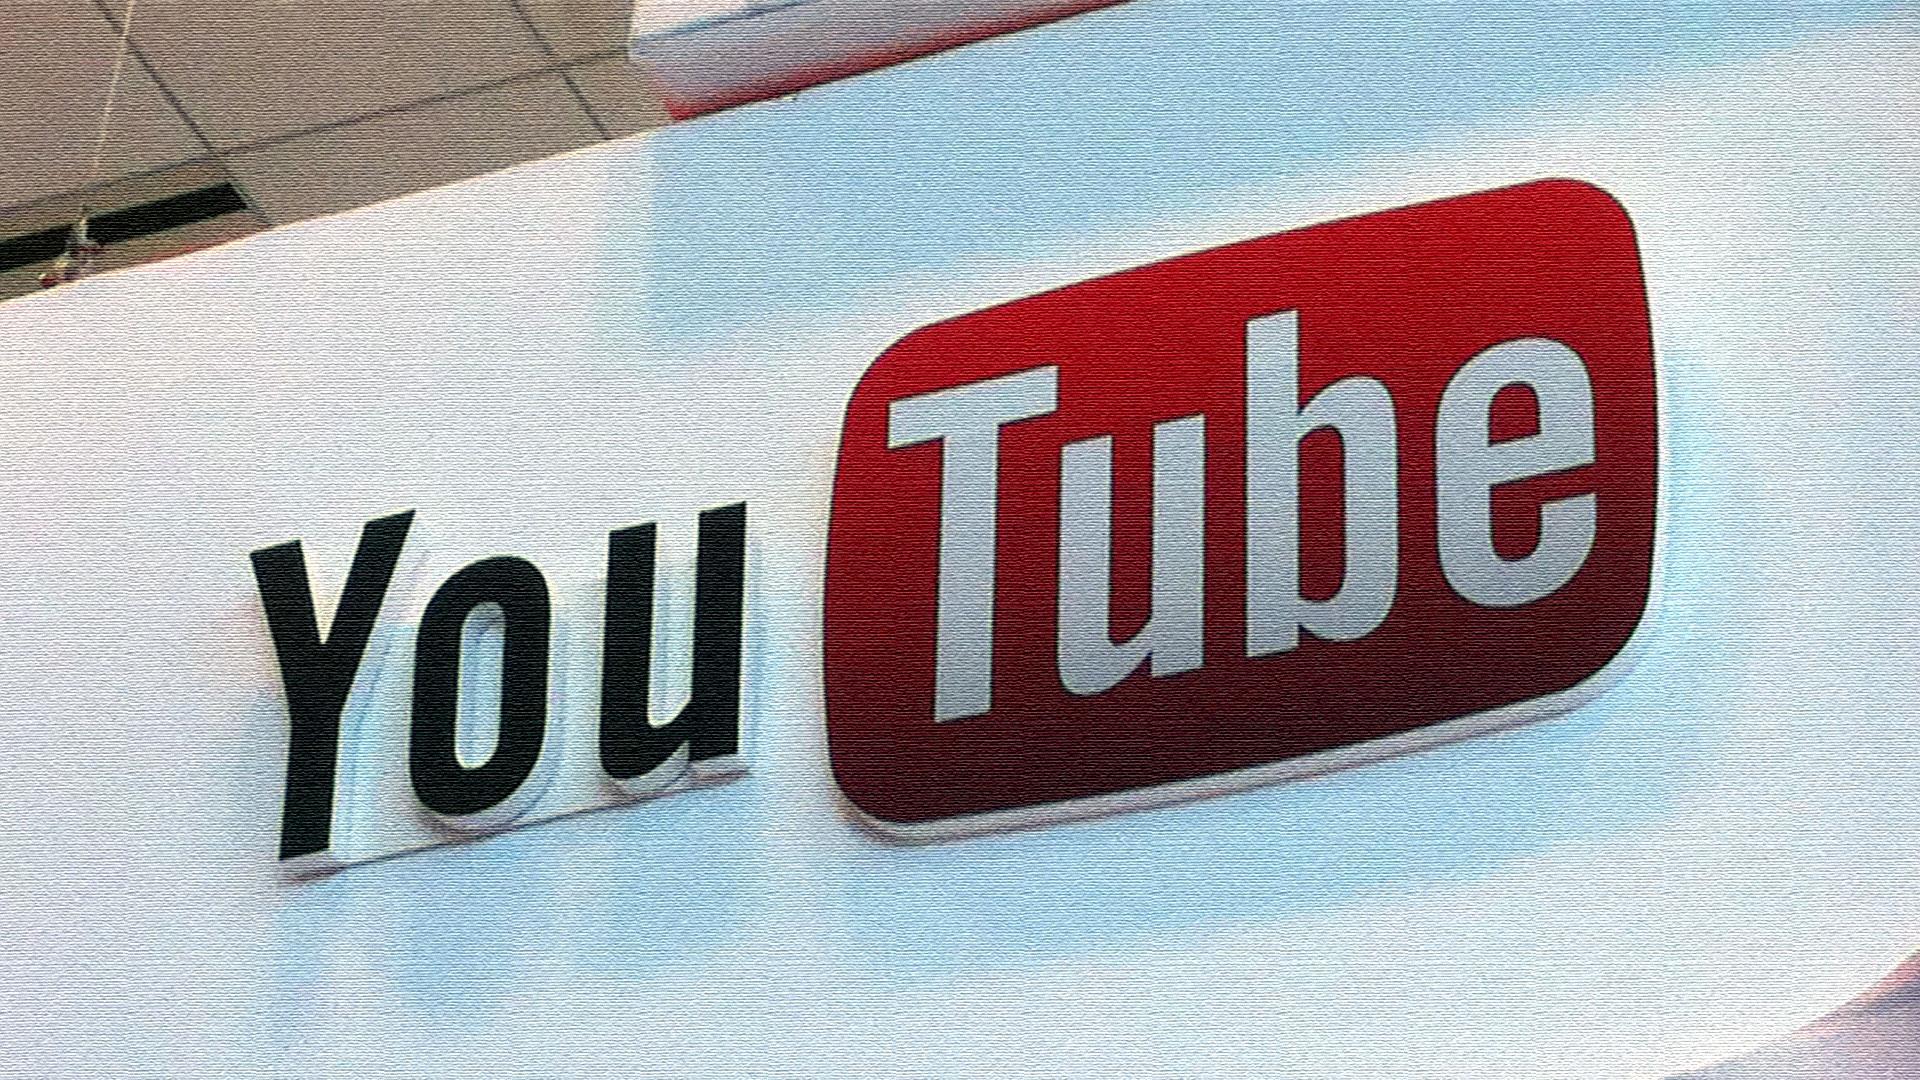 youtube-sign-io-1920